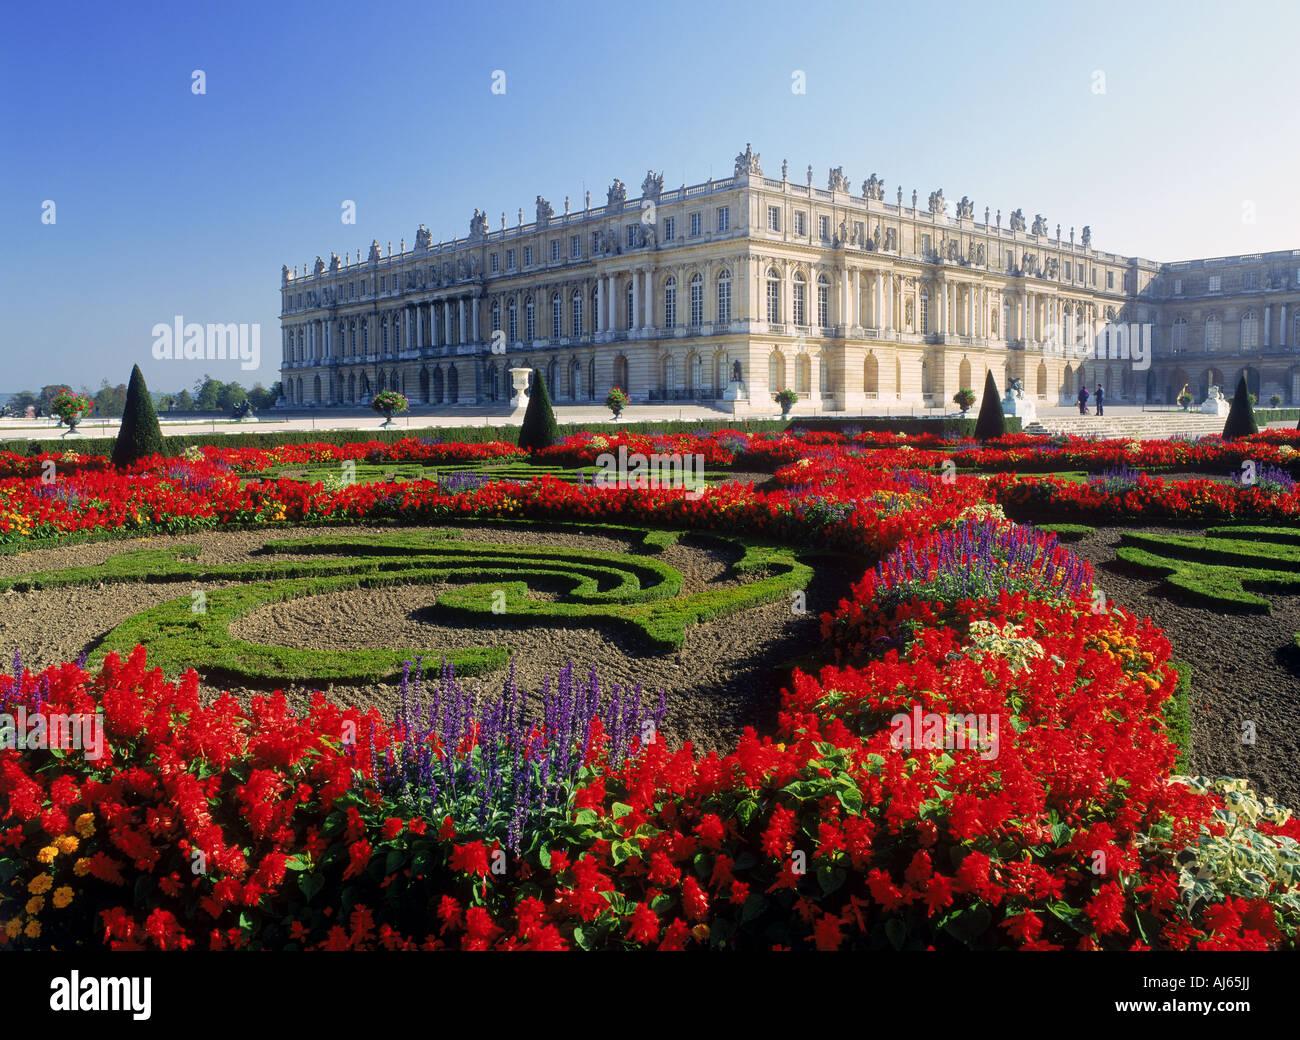 Gardens Palace Of Versailles Exterior 8